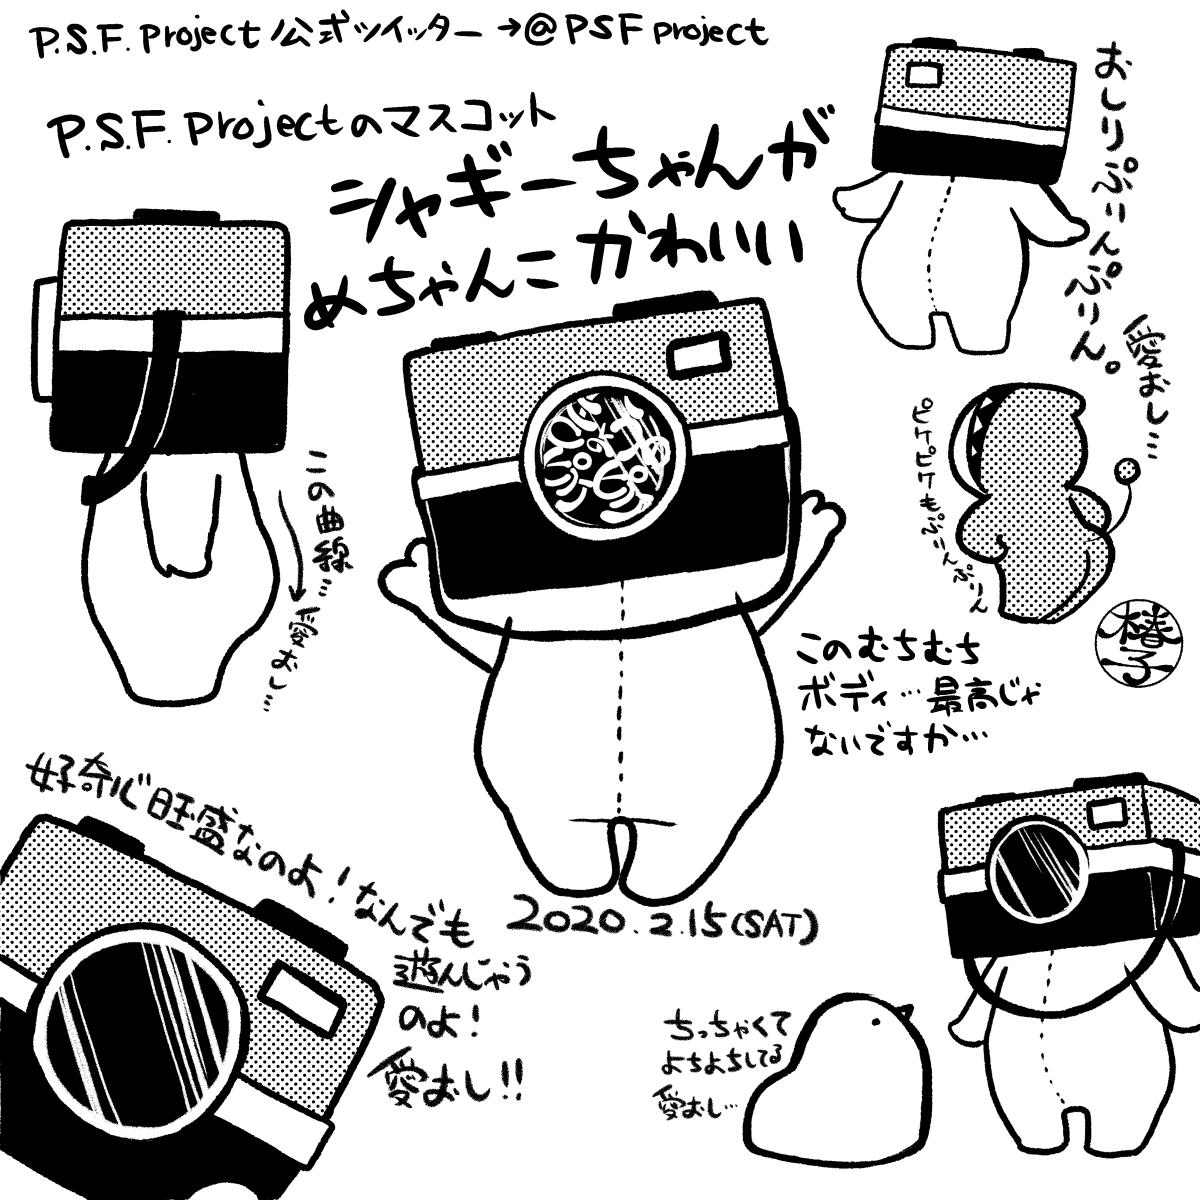 P.S.F Project シャギーちゃん